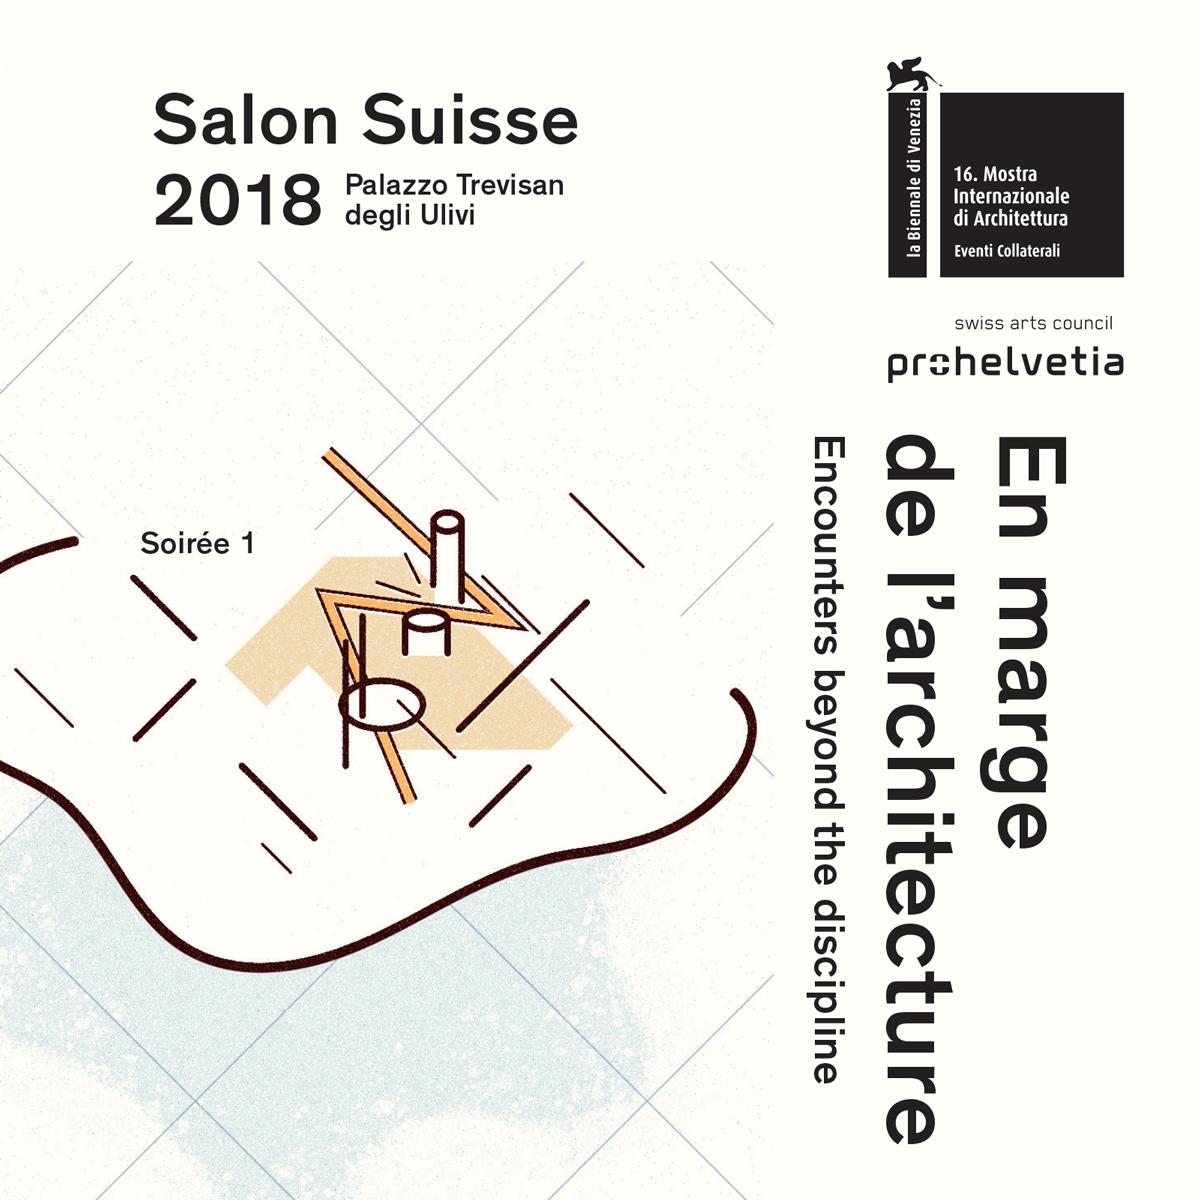 Salon Suisse 2018